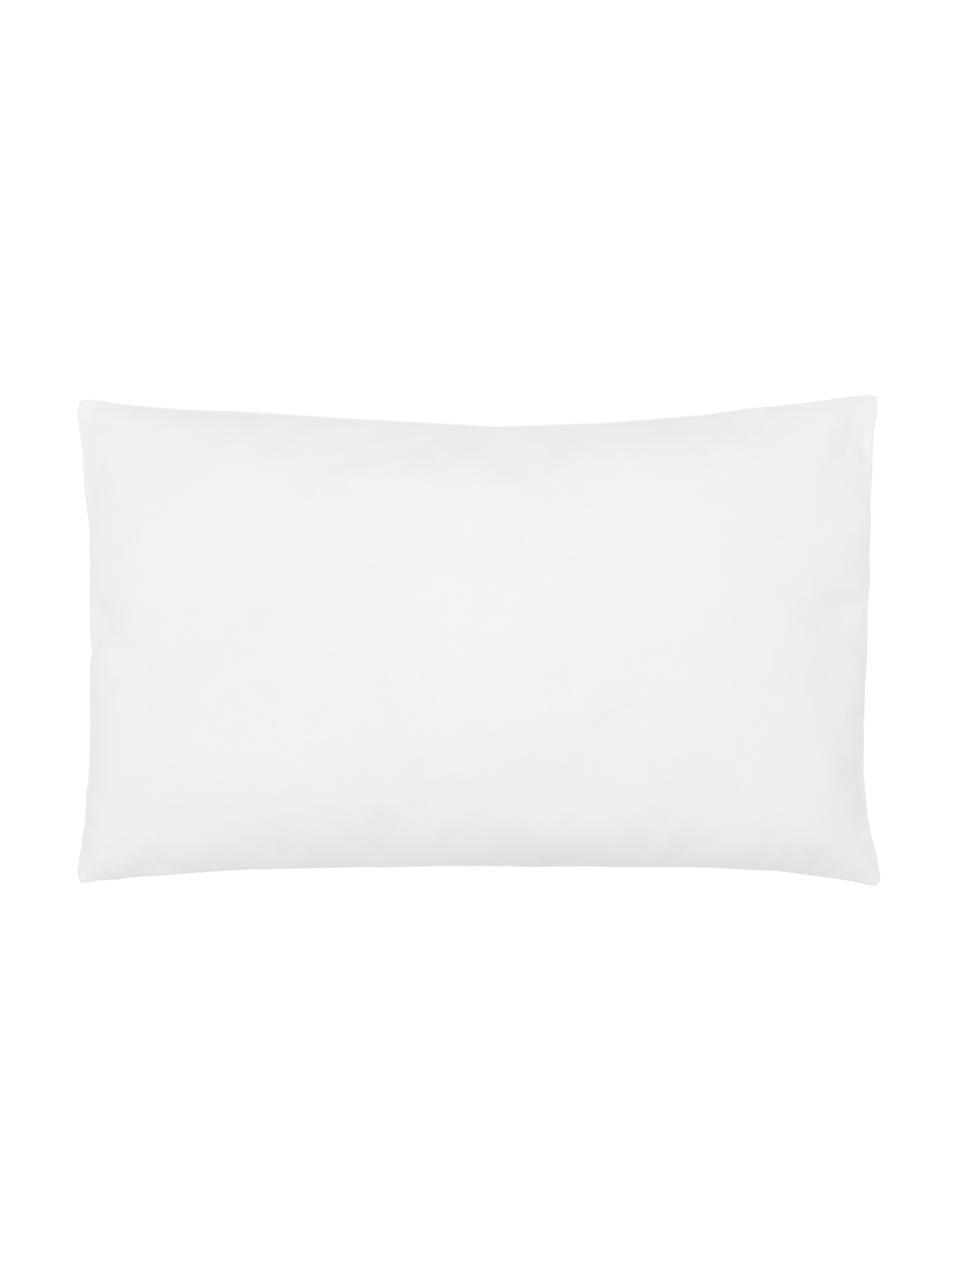 Garnissage de coussin en microfibre 30 x 50  Sia, Blanc